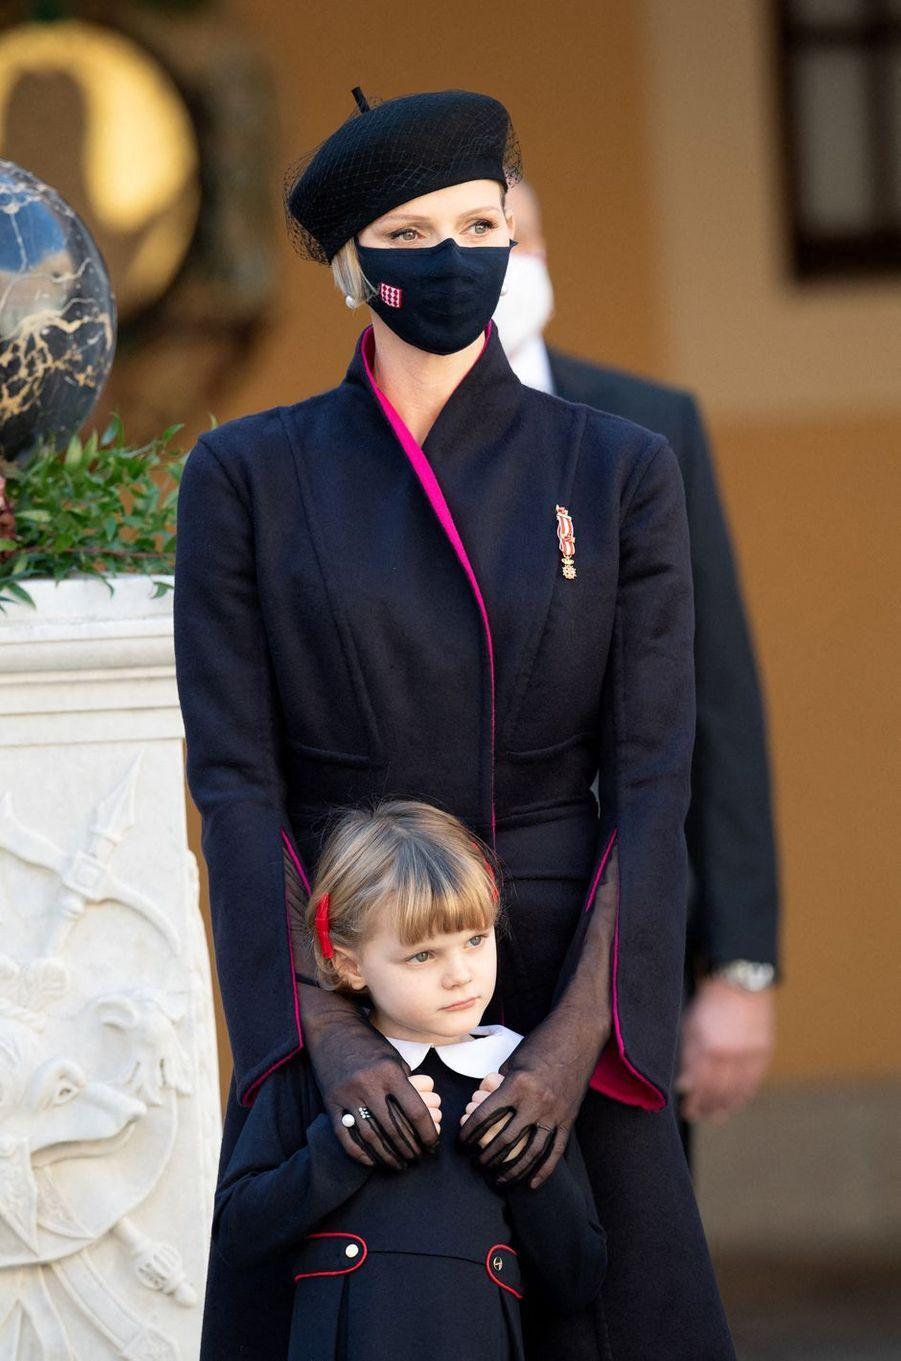 La princesse Charlène de Monaco avec sa fille la princesse Gabriella à Monaco, le 19 novembre 2020